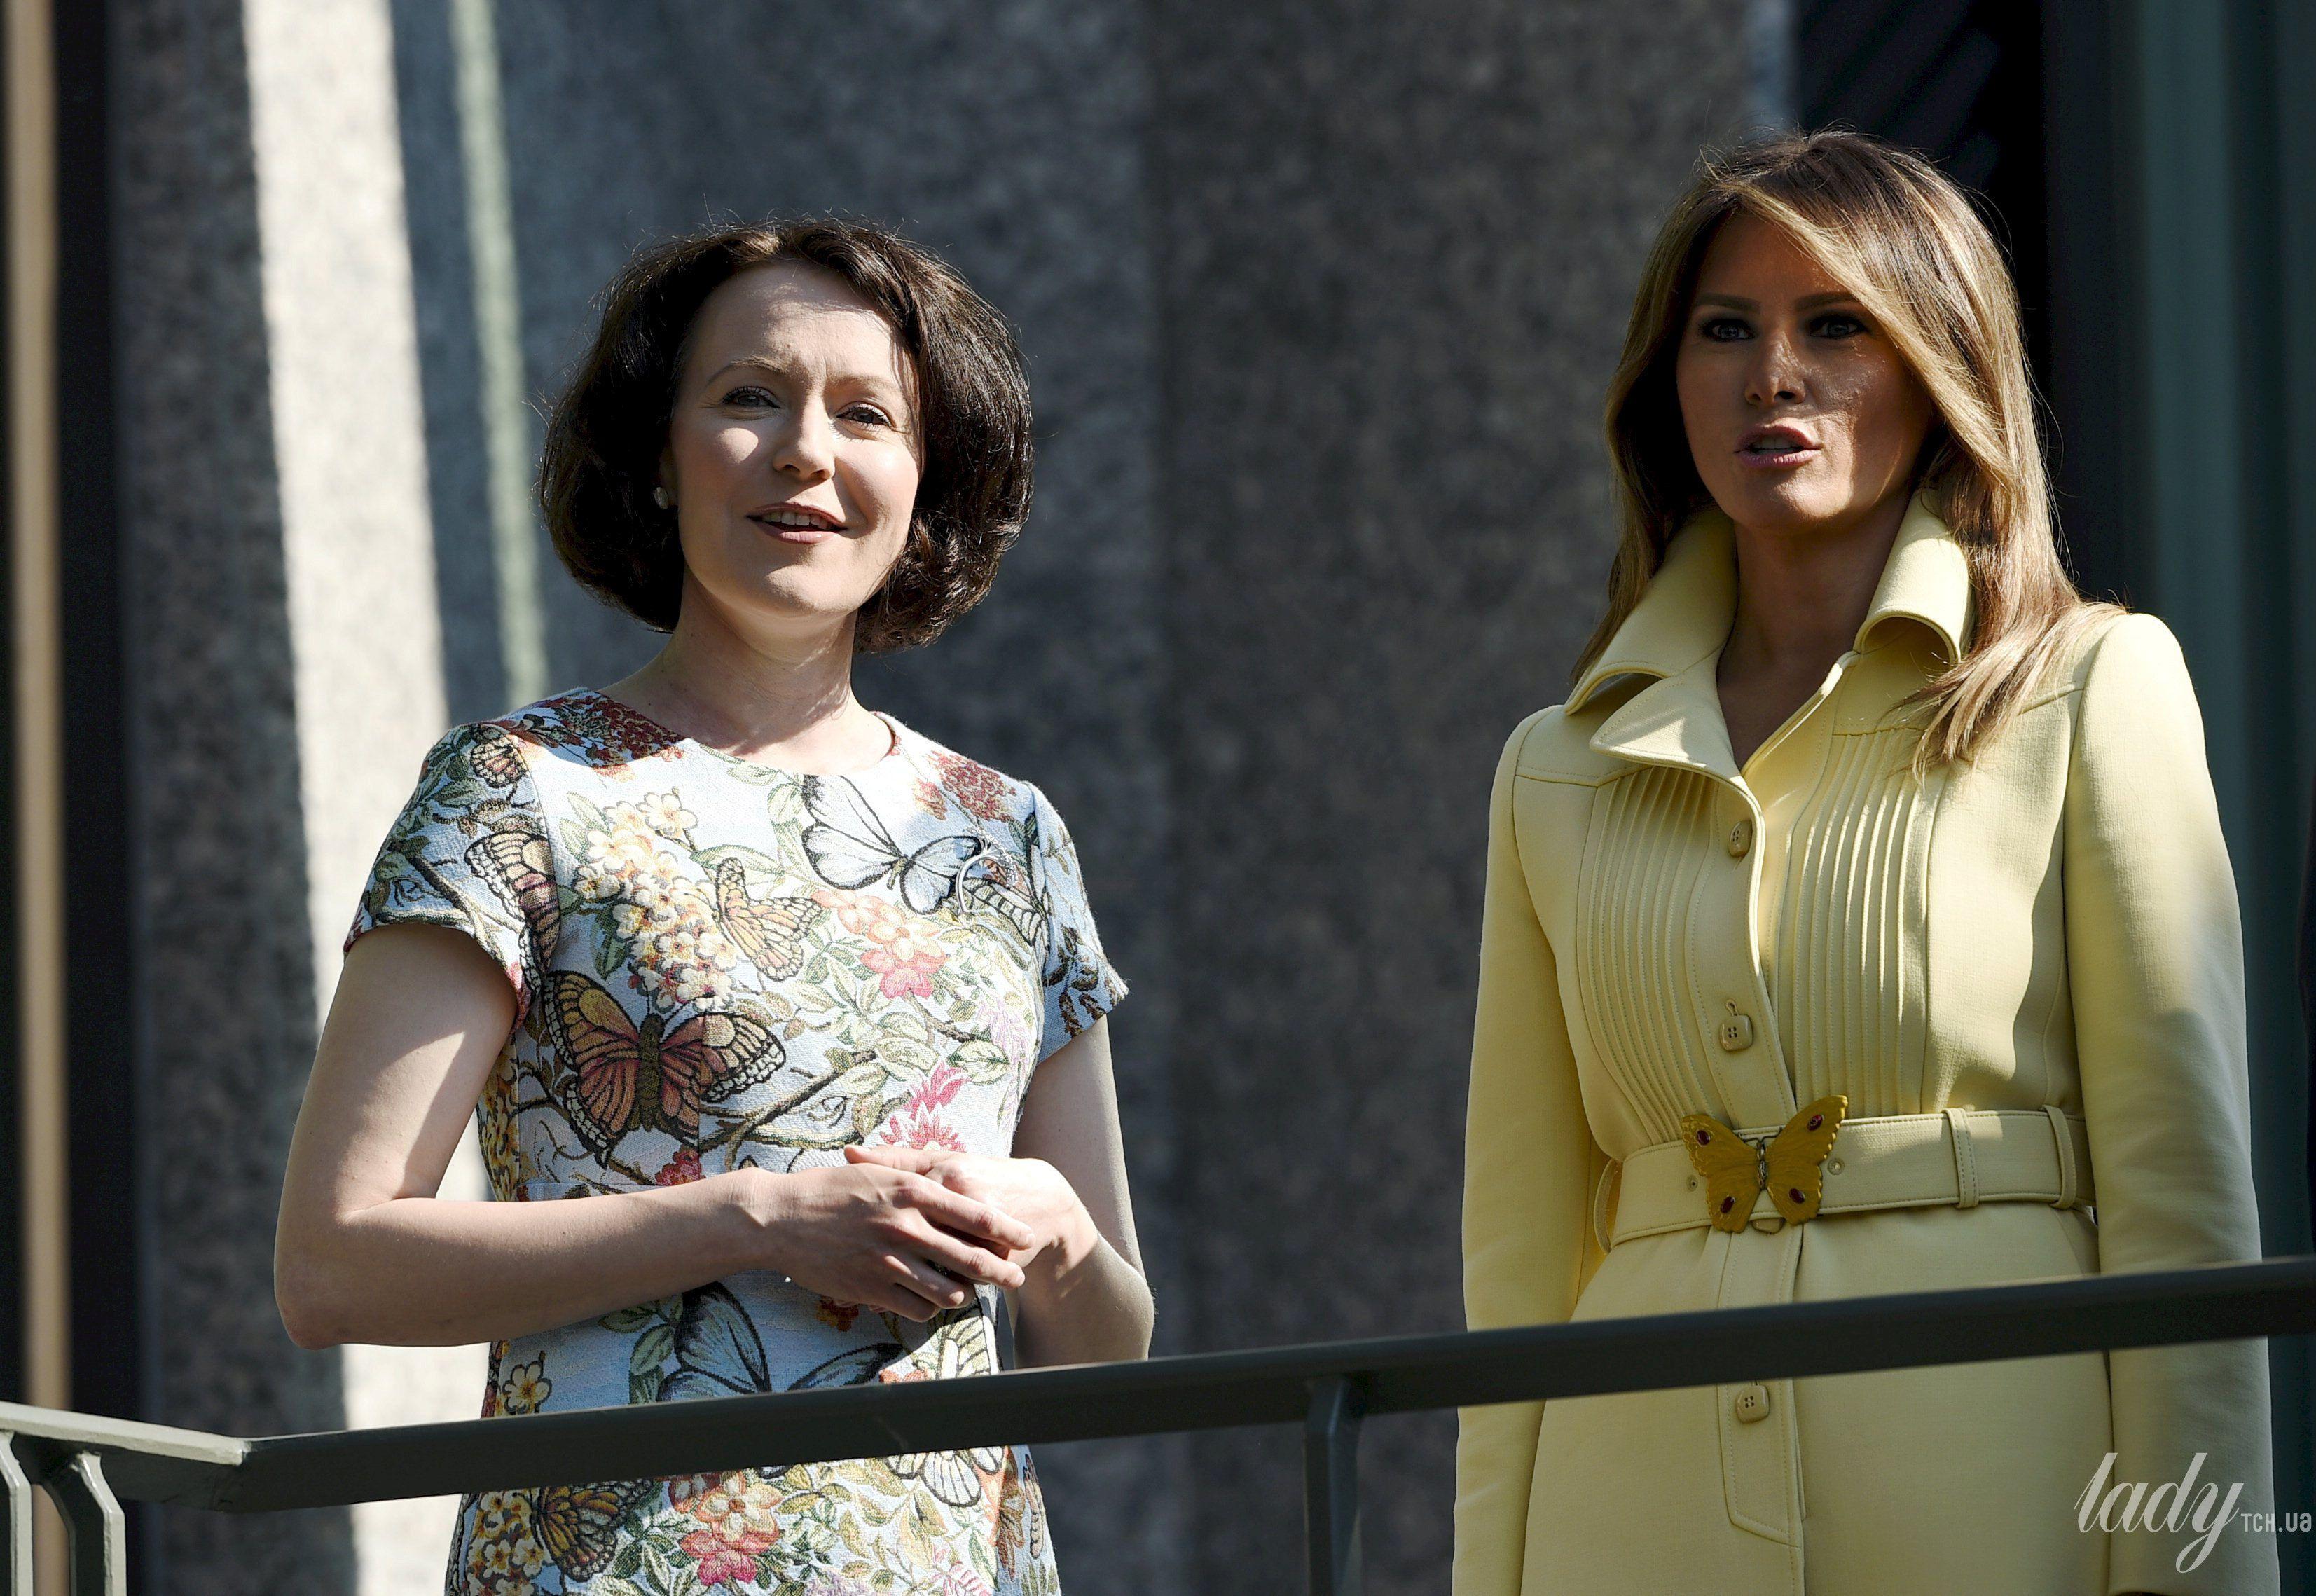 Дональд Трамп, первая леди Мелания Трамп, президент Финляндии Саули Ниинисто, его жена Дженни Хаукио_2